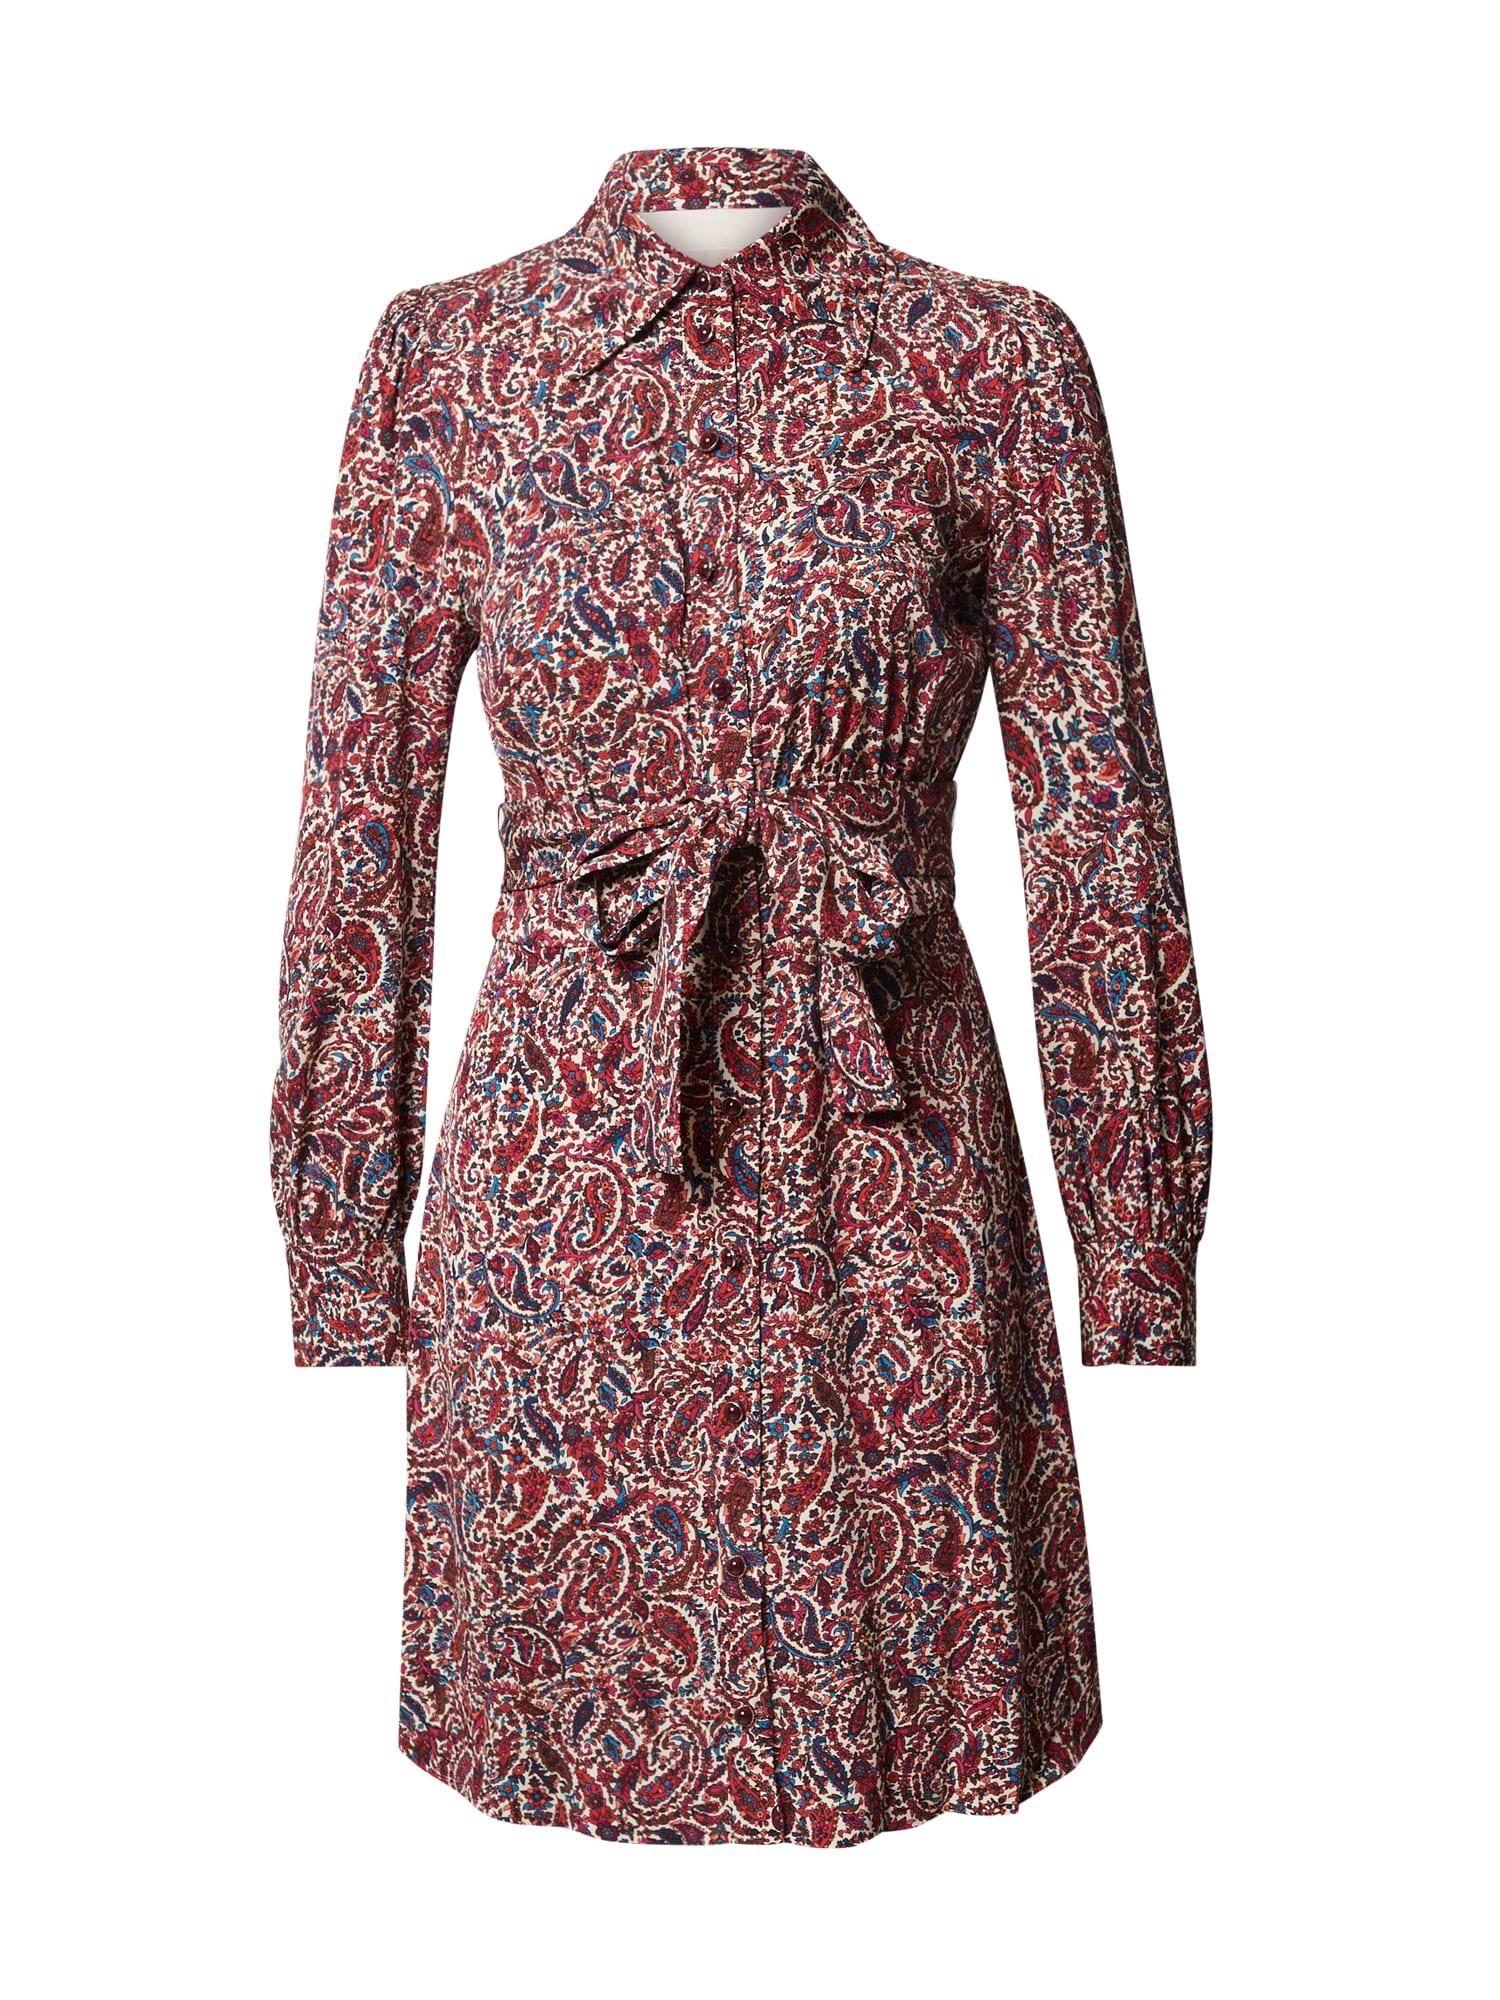 MICHAEL Michael Kors Palaidinės tipo suknelė vyno raudona spalva / mišrios spalvos